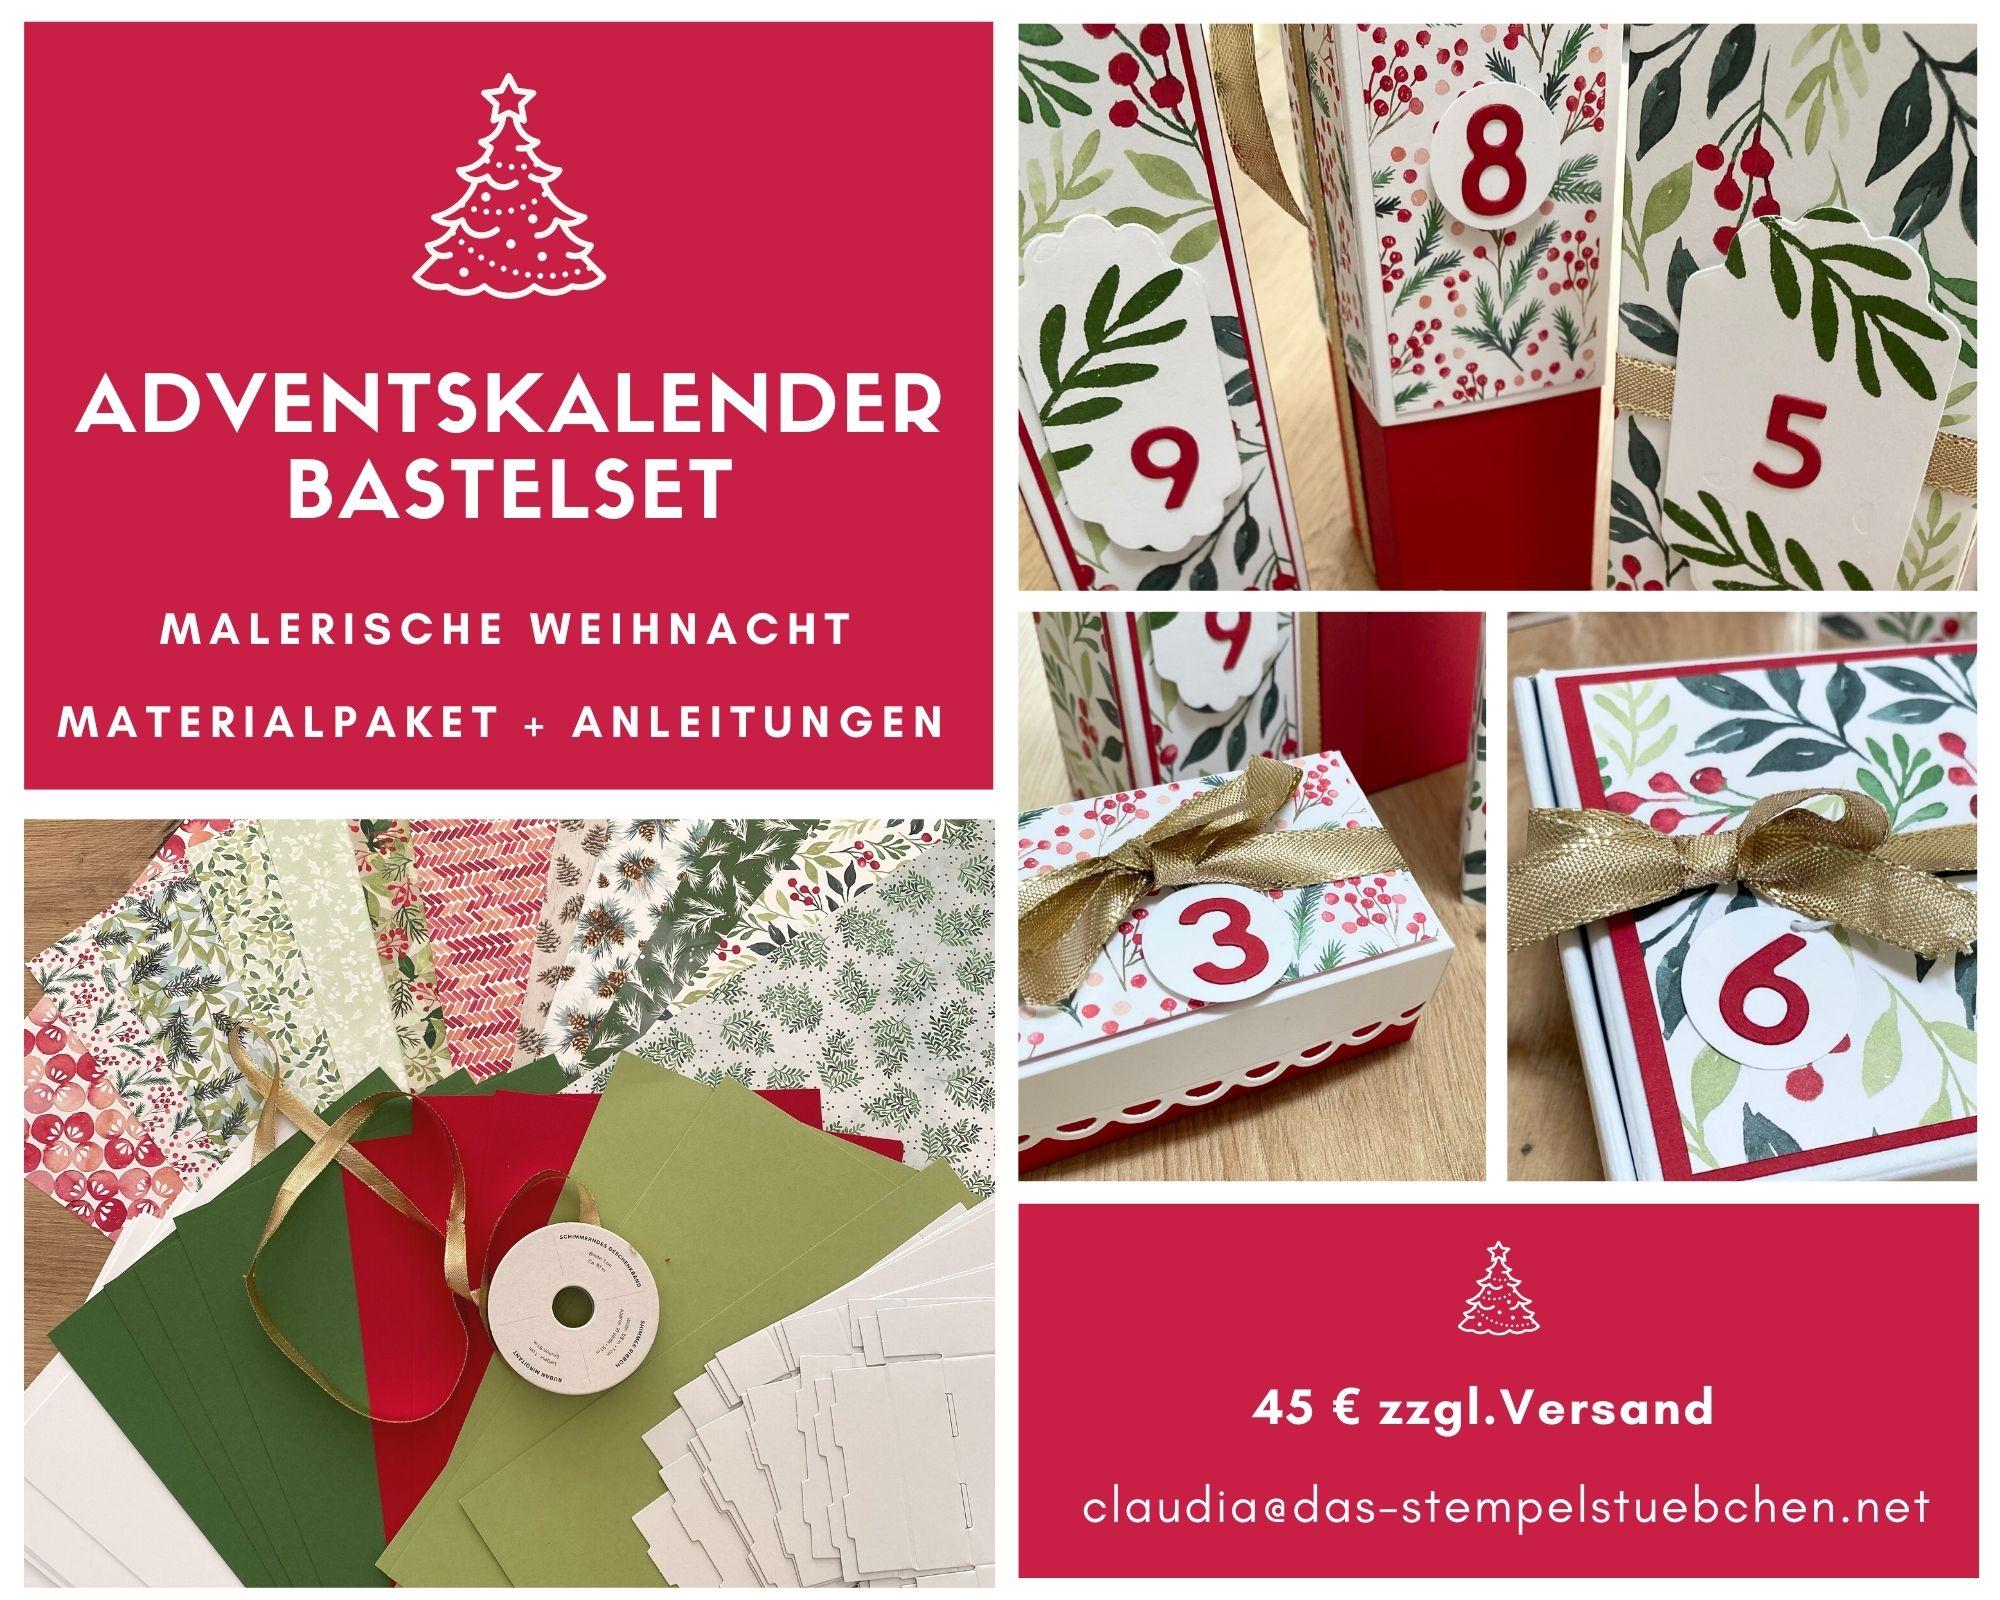 malerische weichnacht stampin up adventskalender basteln weihnachten